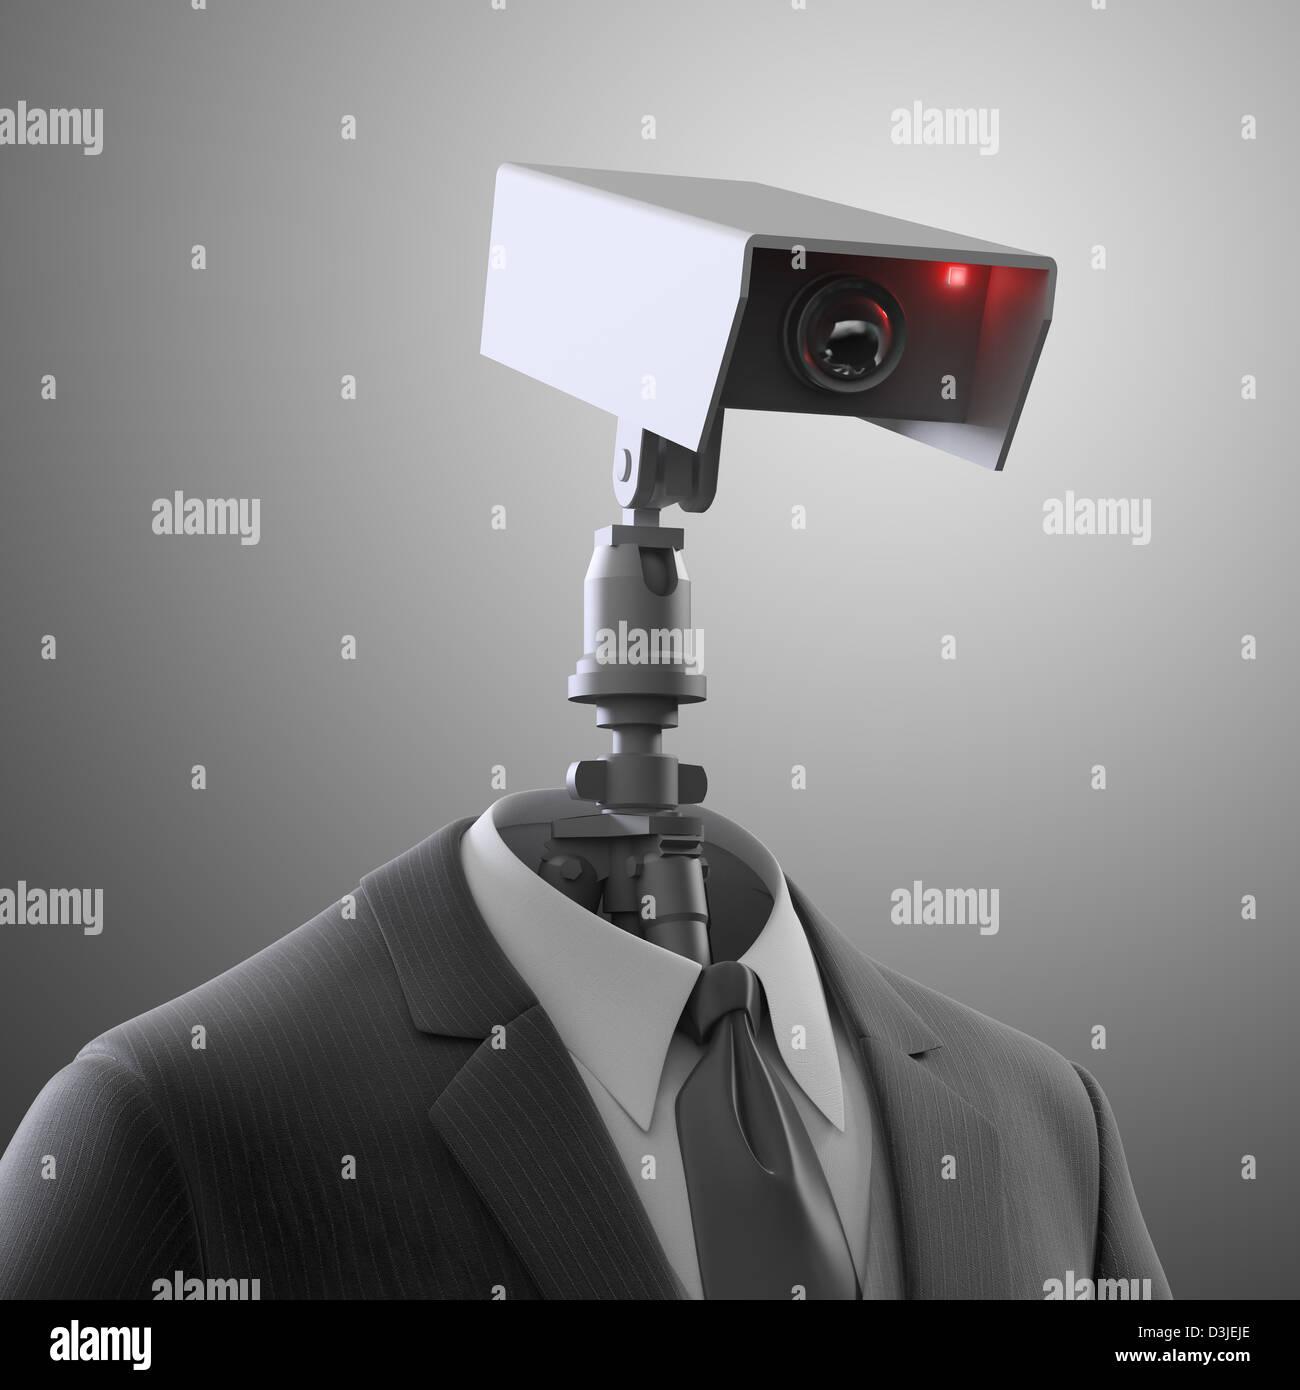 Ein Roboter-Überwachungskamera - automatisierte Überwachung Stockfoto